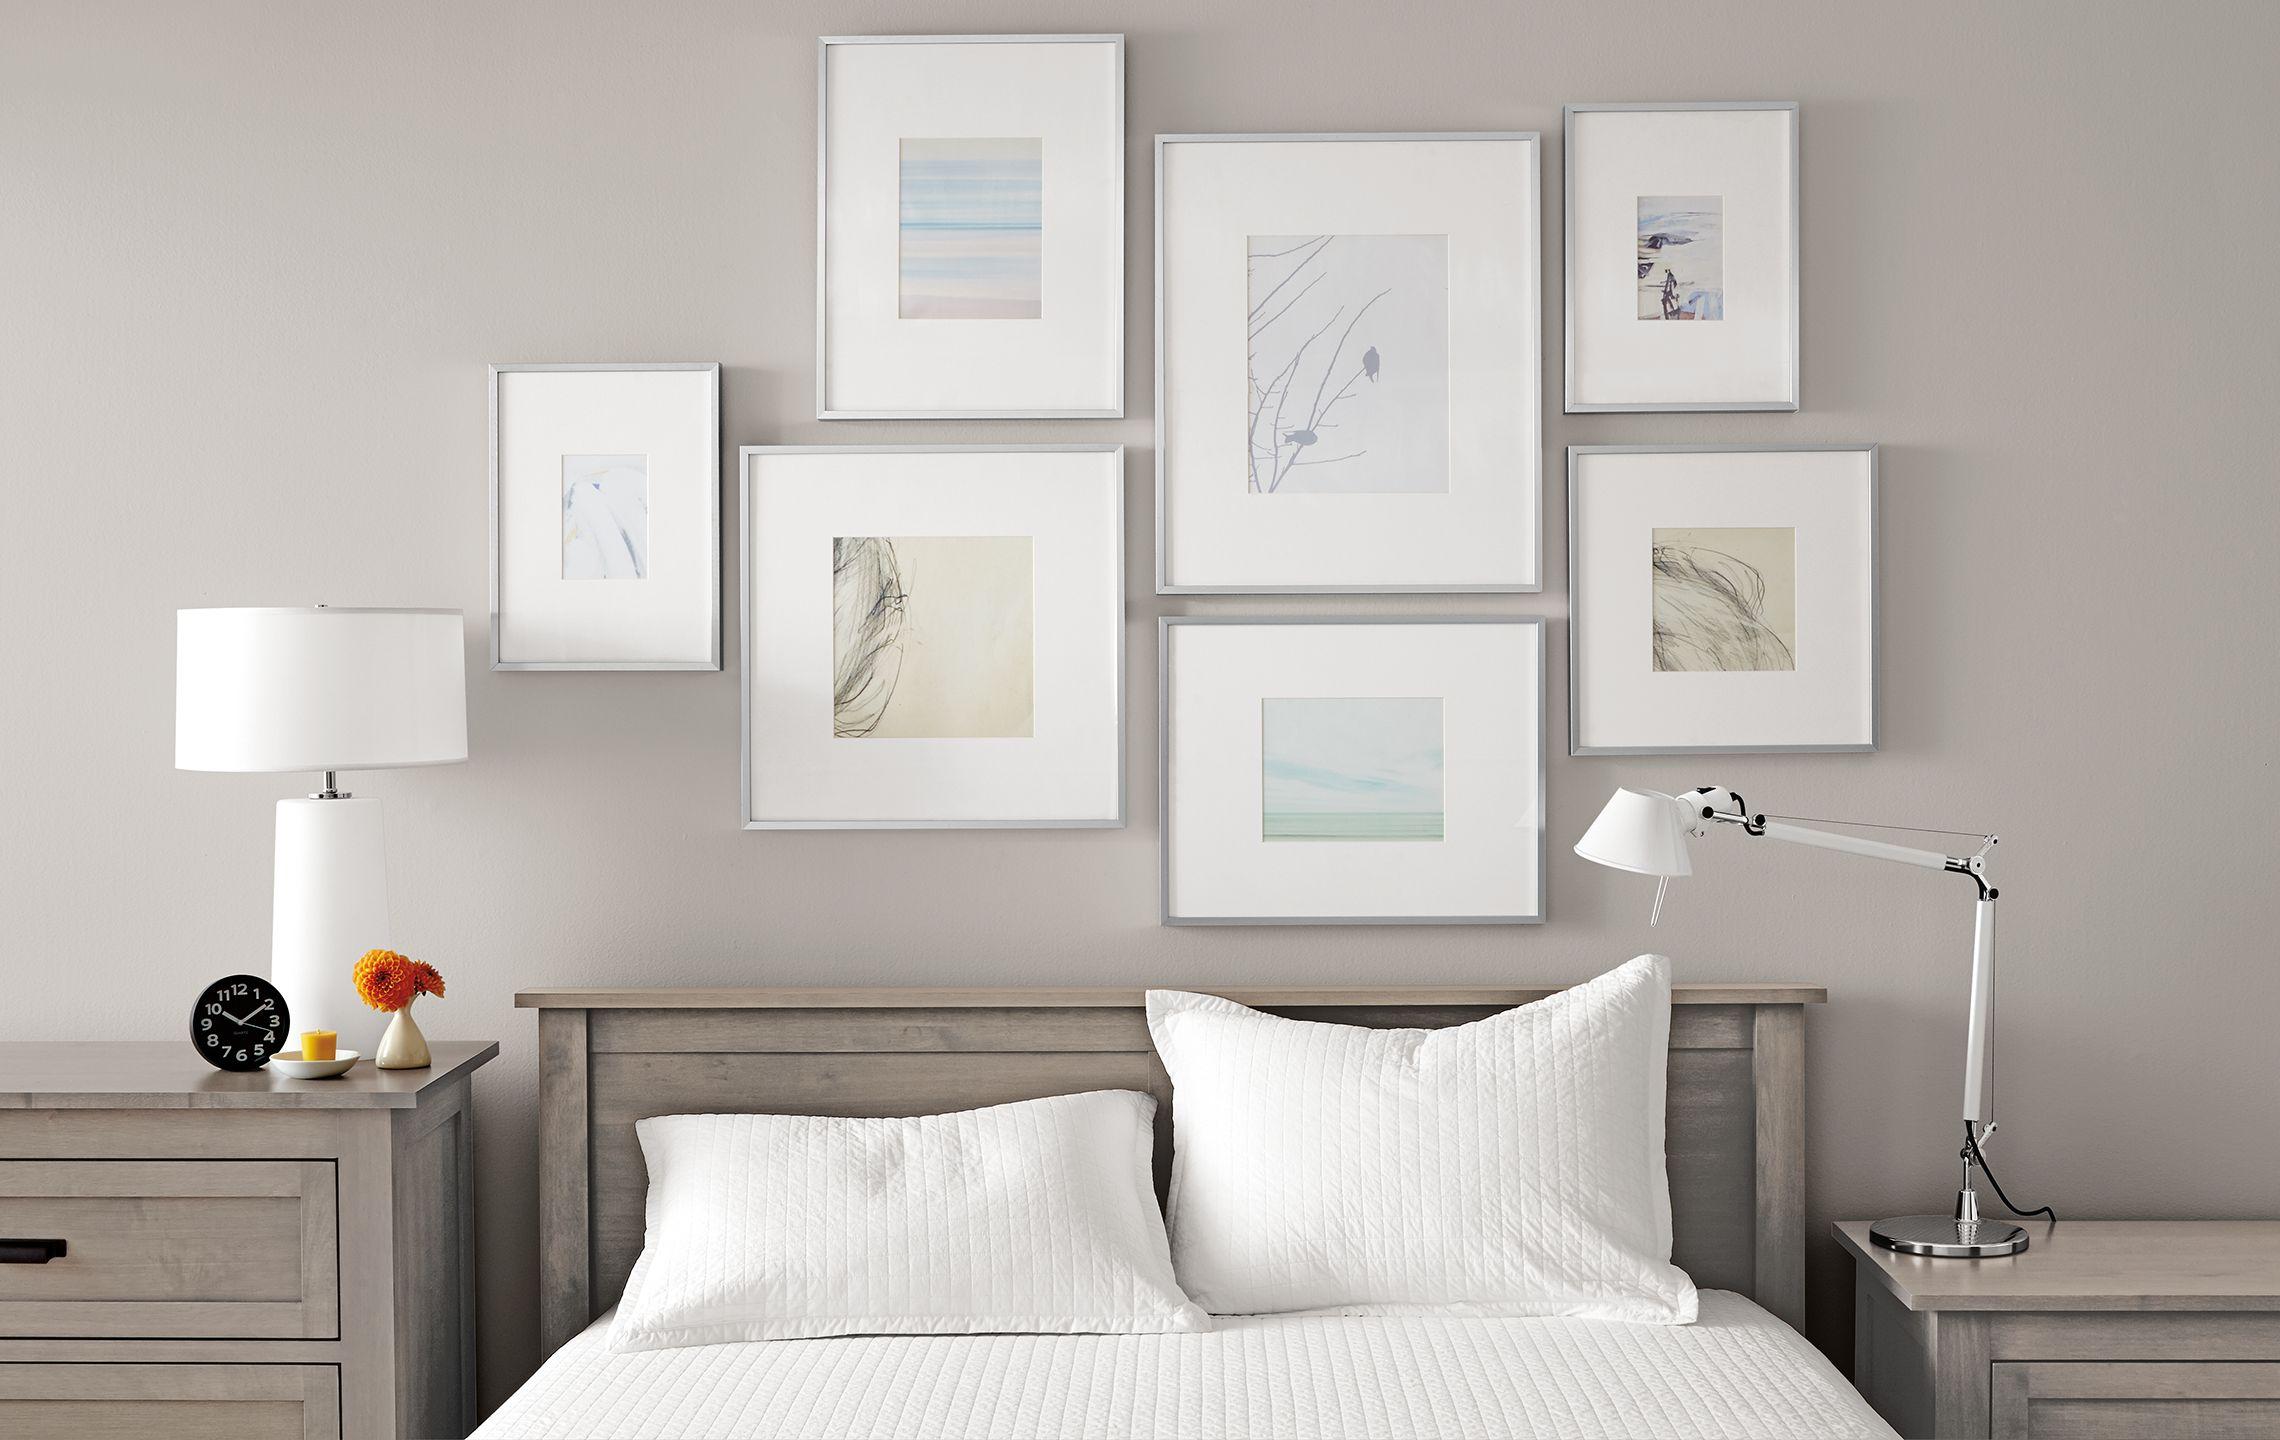 frame wall ideas  ideas  advice  room  board